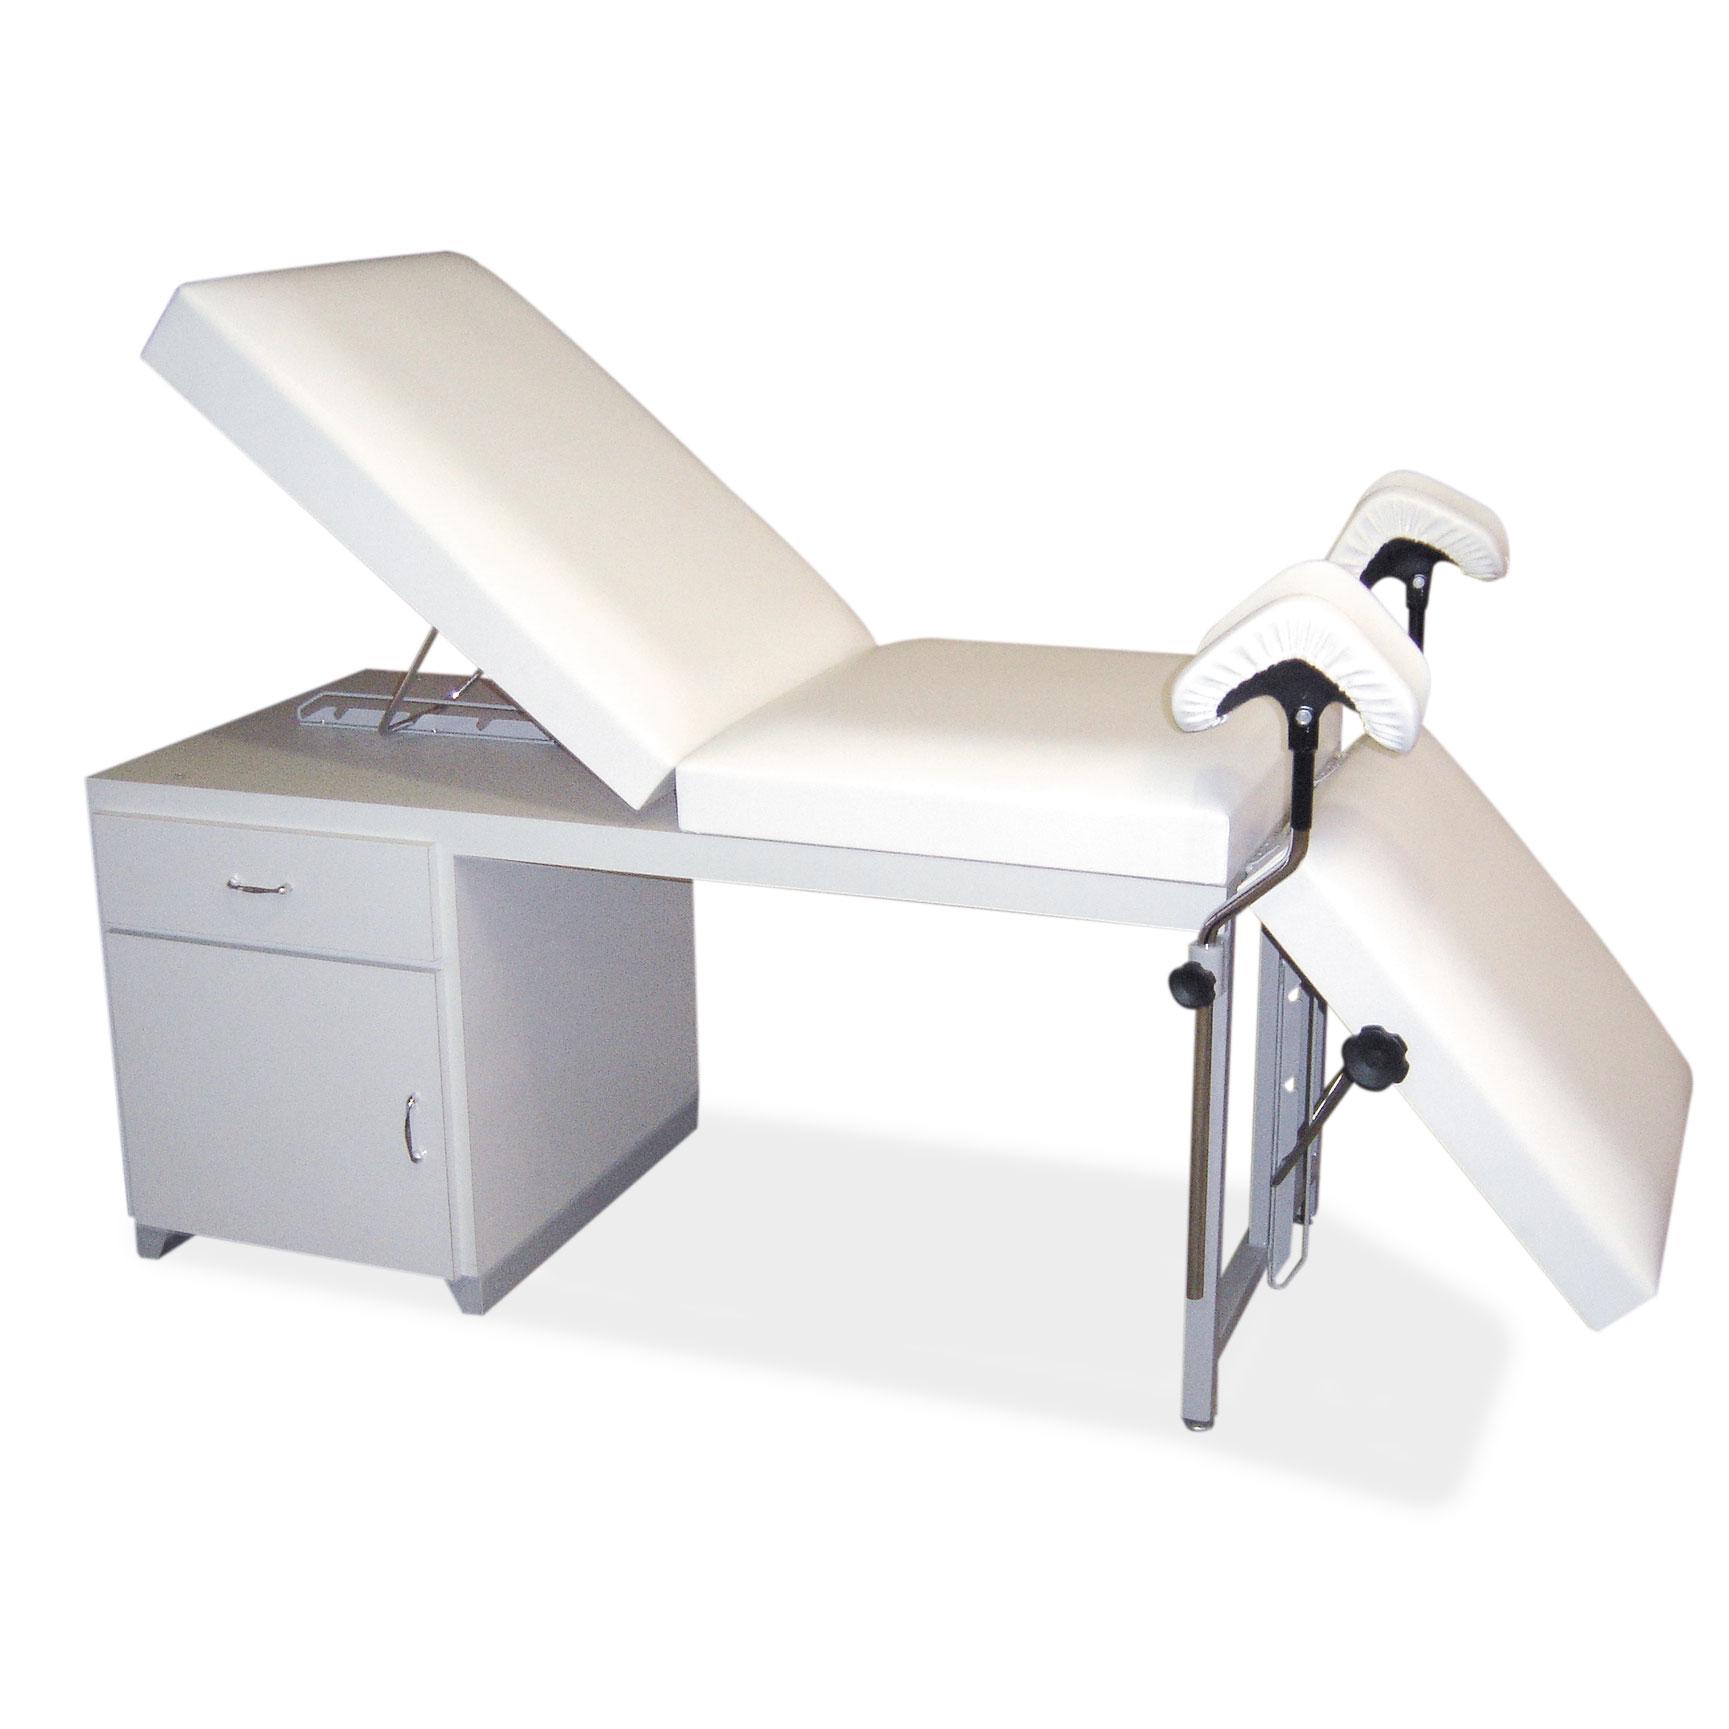 Maca para exames ultrassom luxo